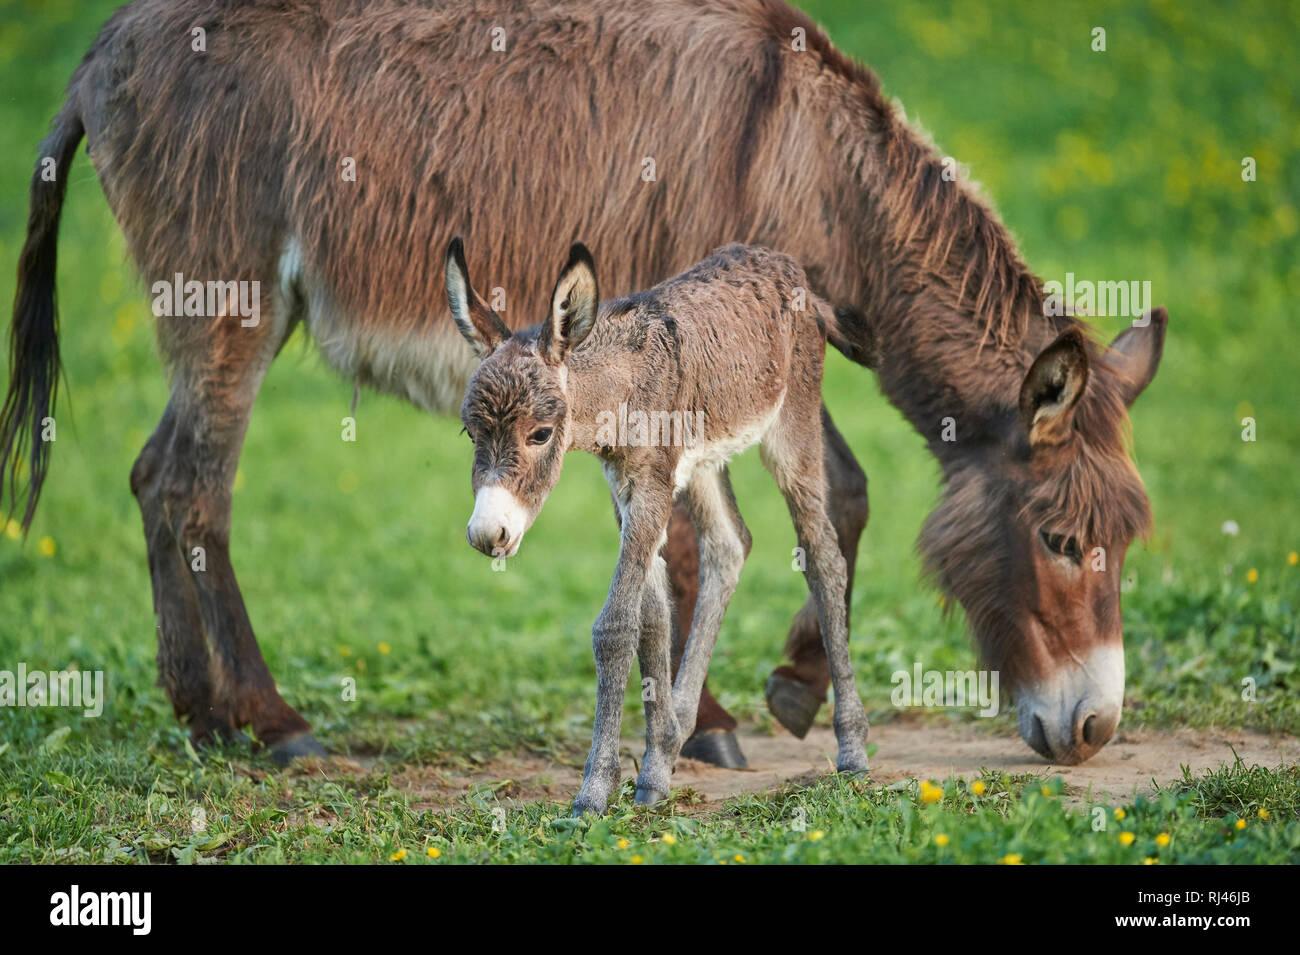 Hausesel, Equus asinus asinus, Stute, Fohlen, Wiese, seitlich, stehen - Stock Image